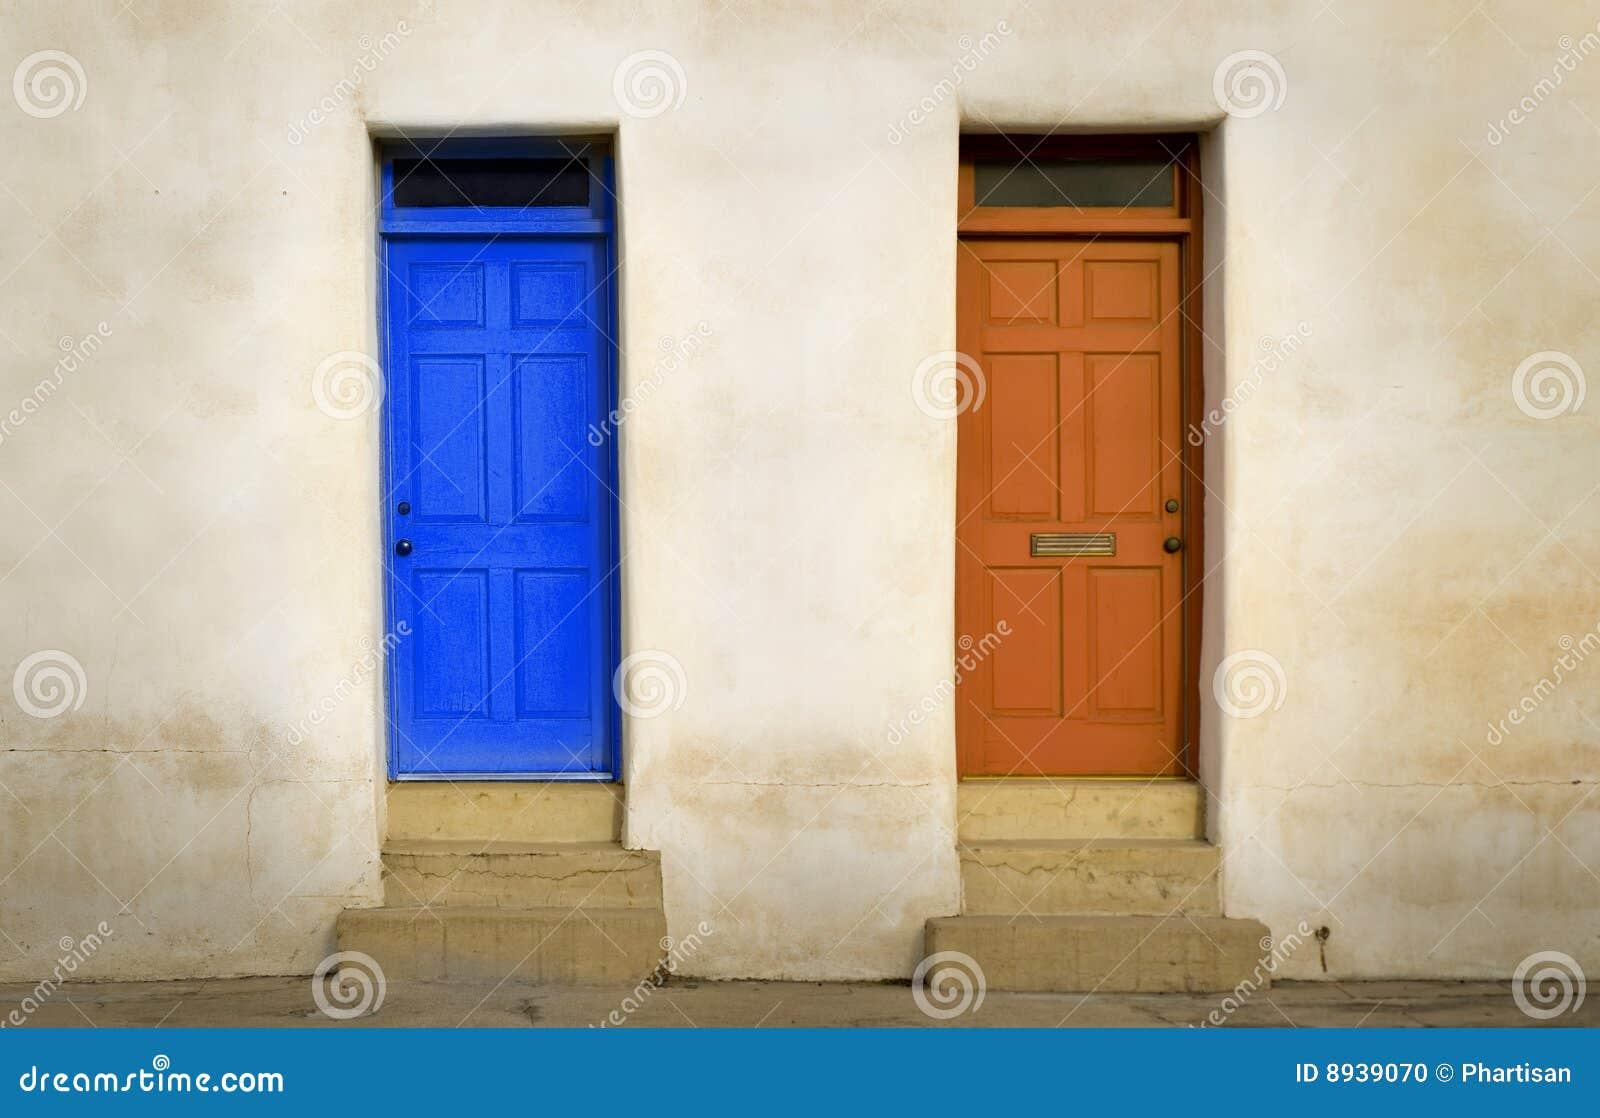 Drzwi dwa